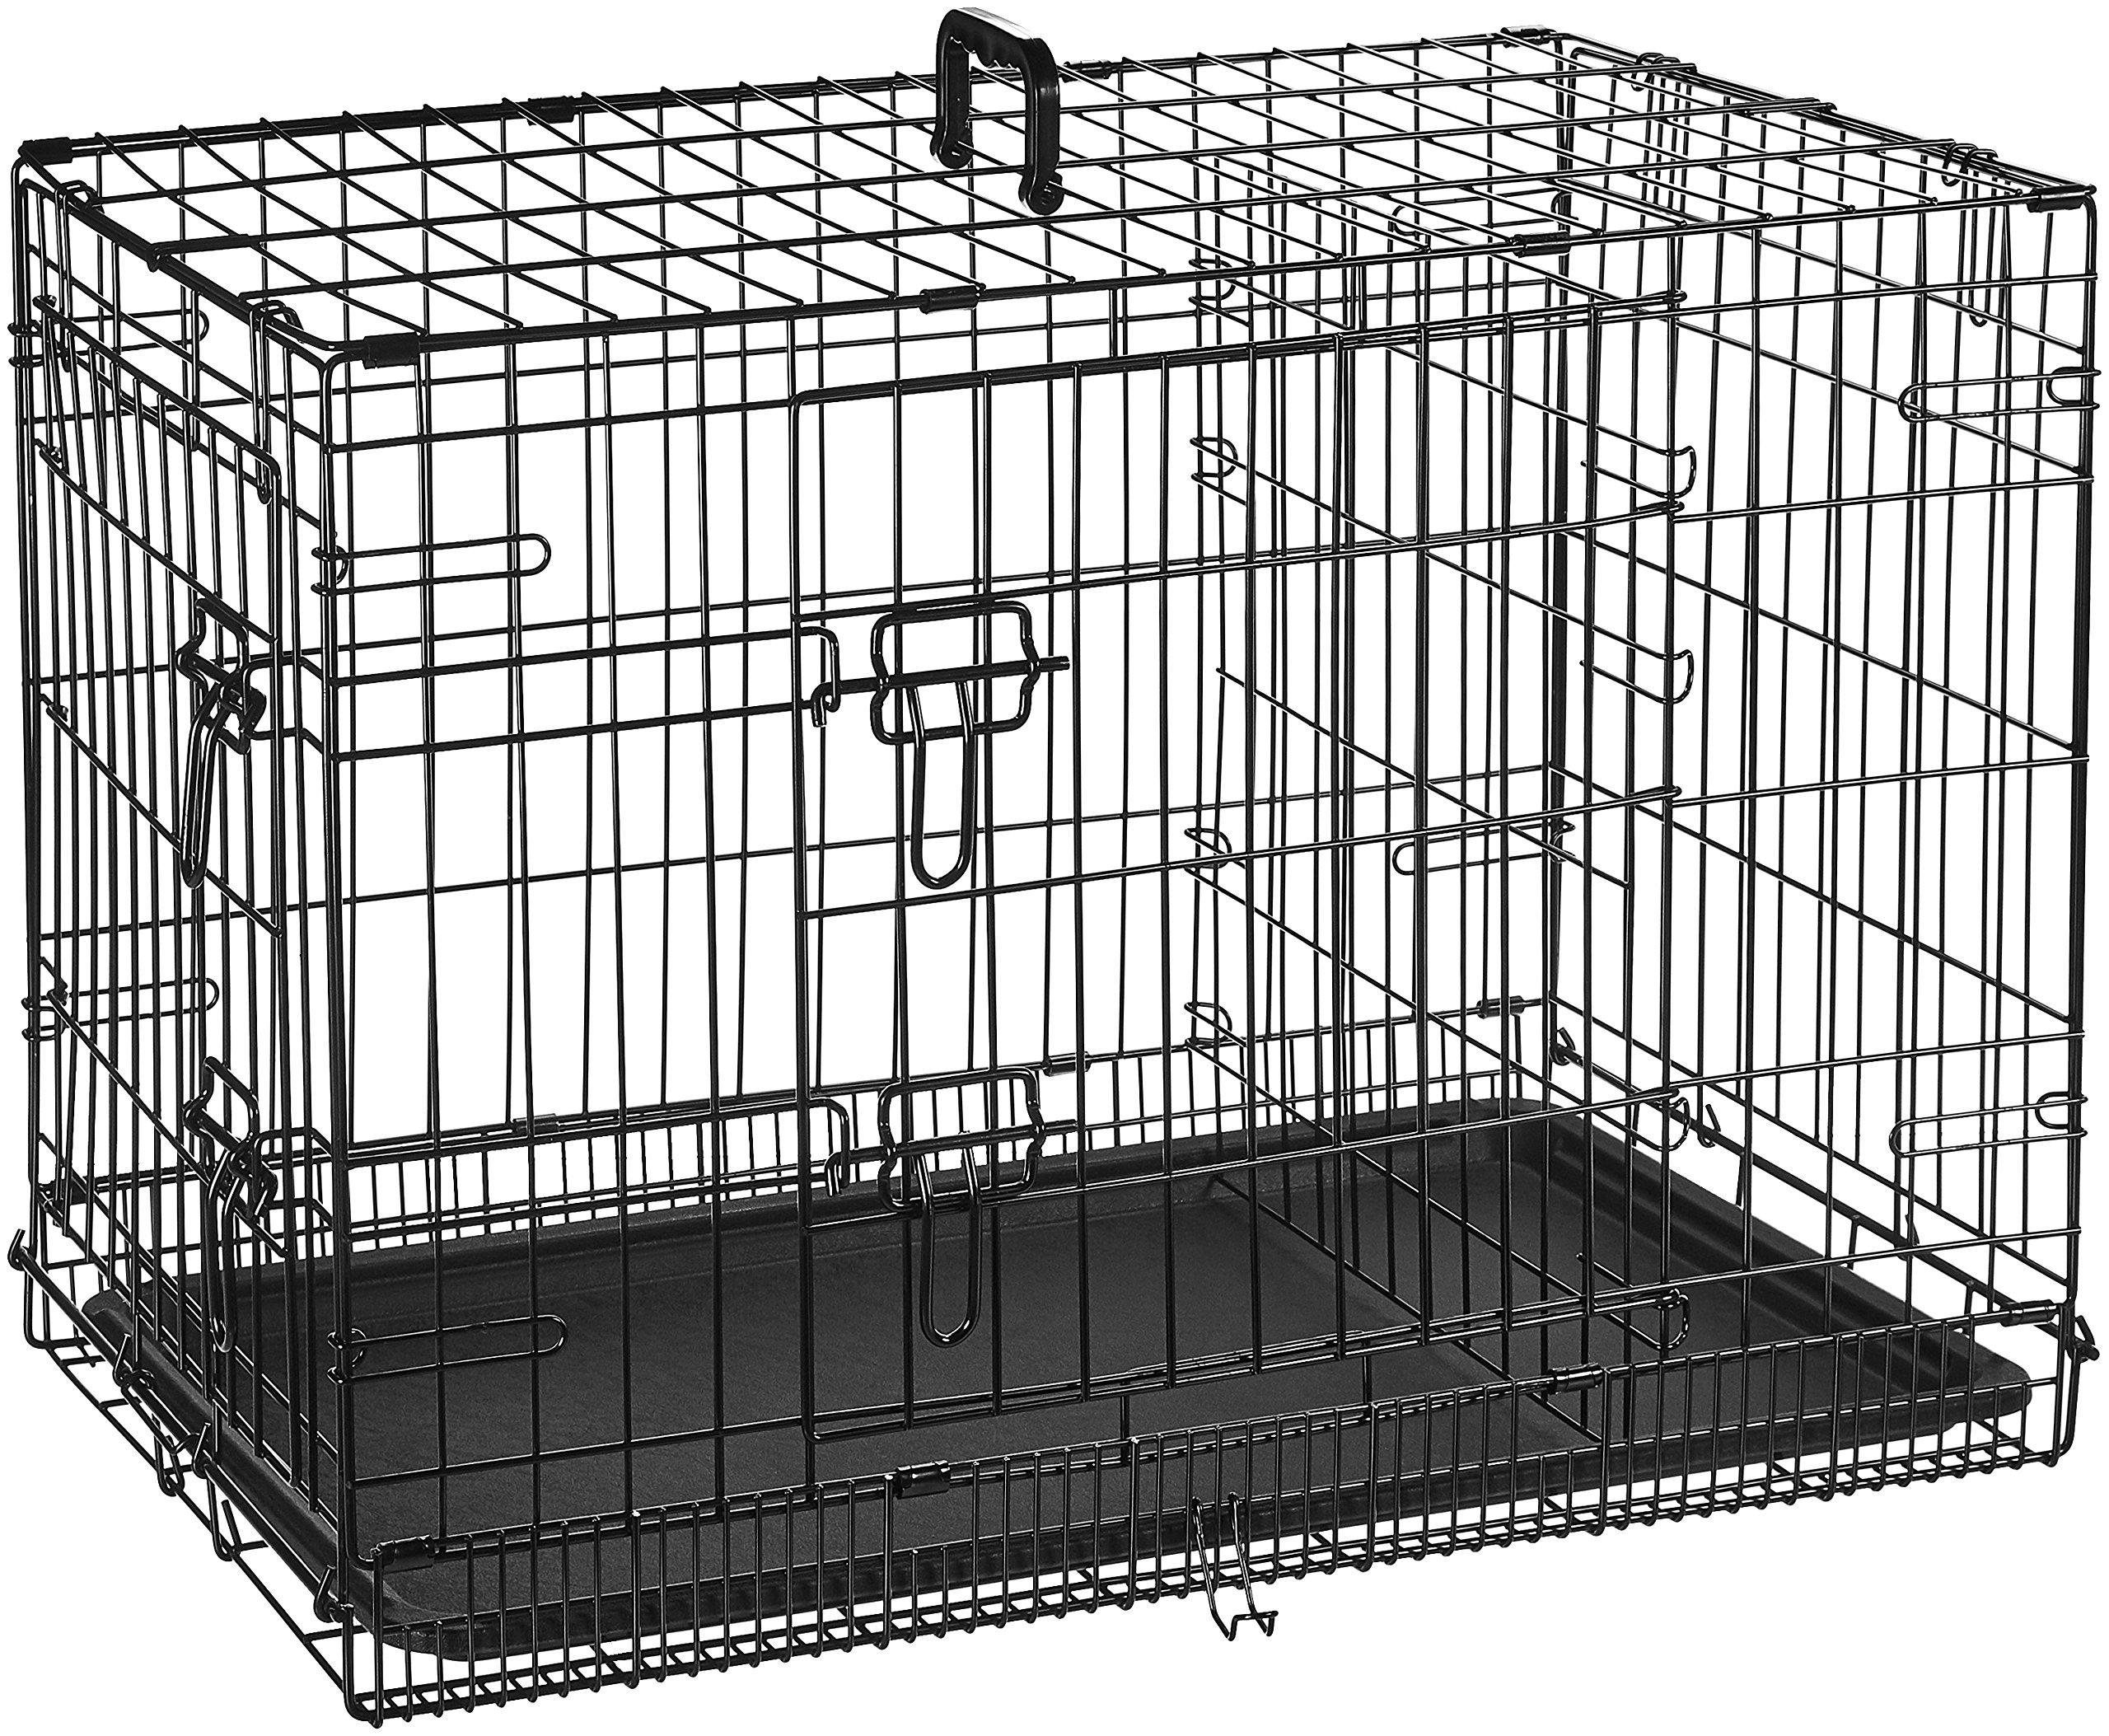 AmazonBasics Double-Door Folding Metal Dog Crate - 30 Inches by AmazonBasics (Image #4)